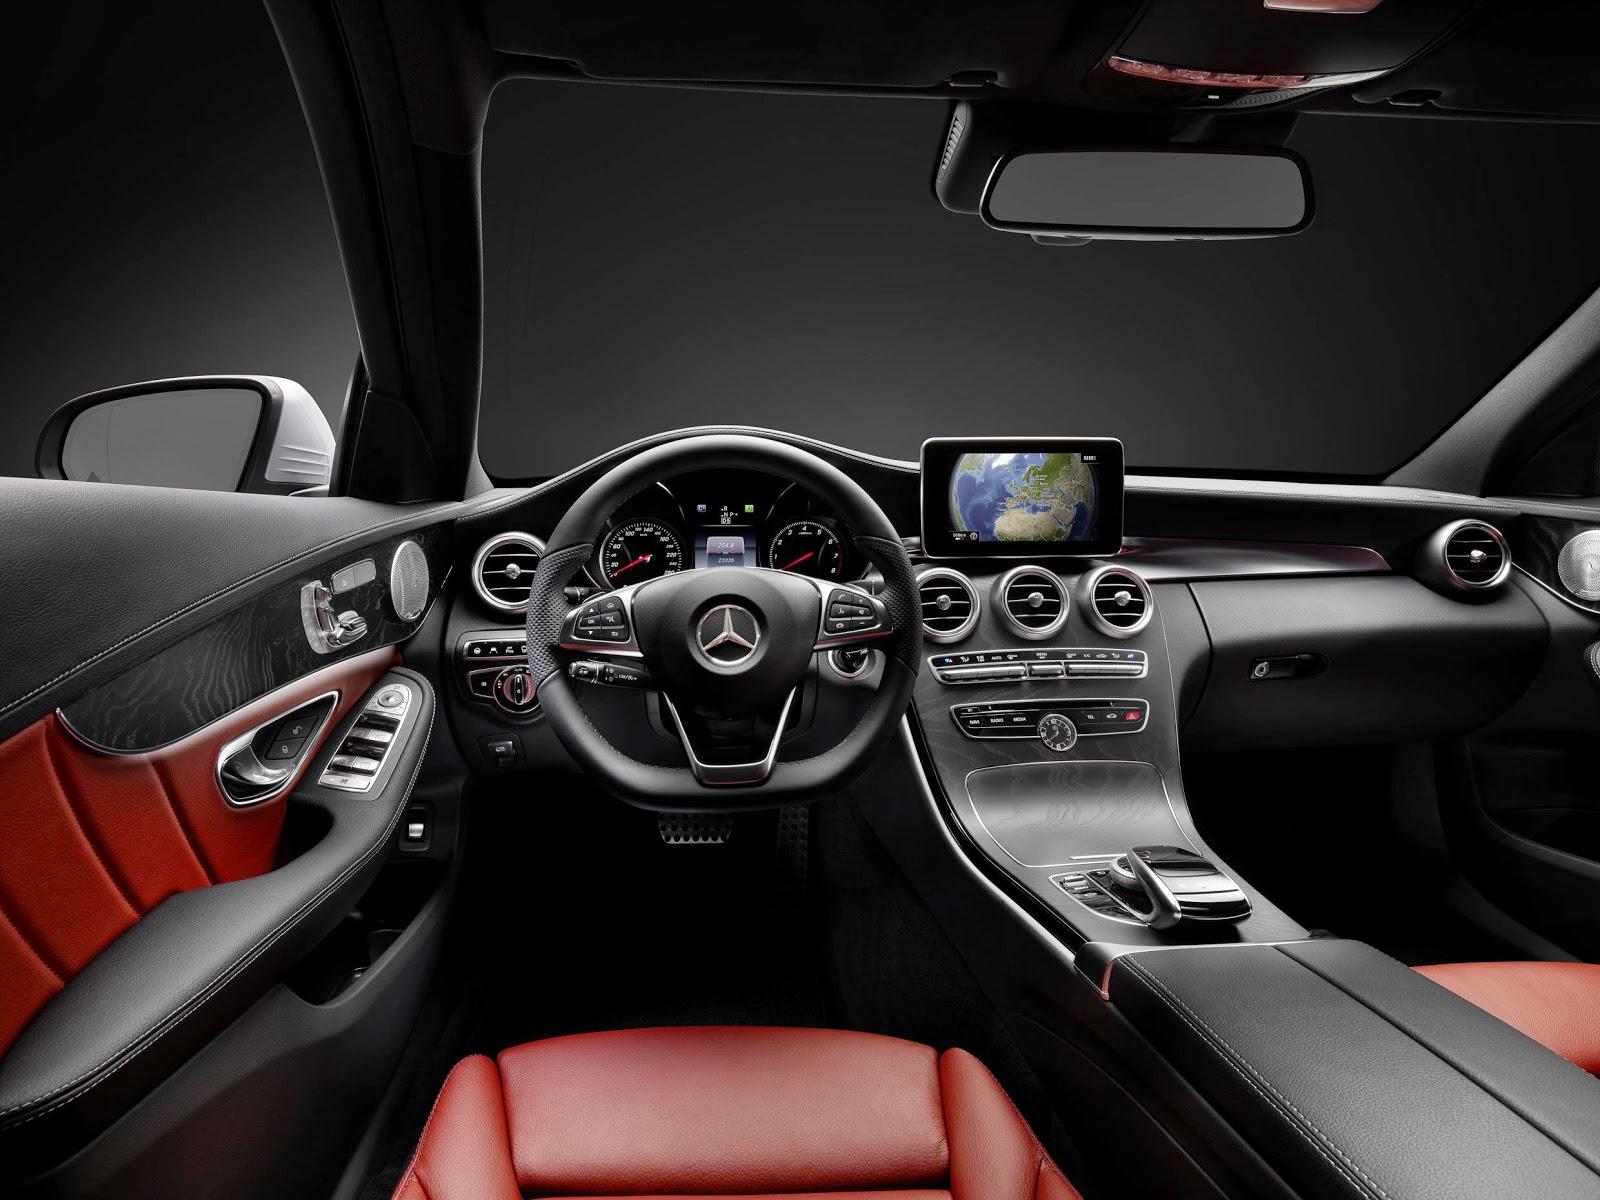 2014 Mercedes C-Class